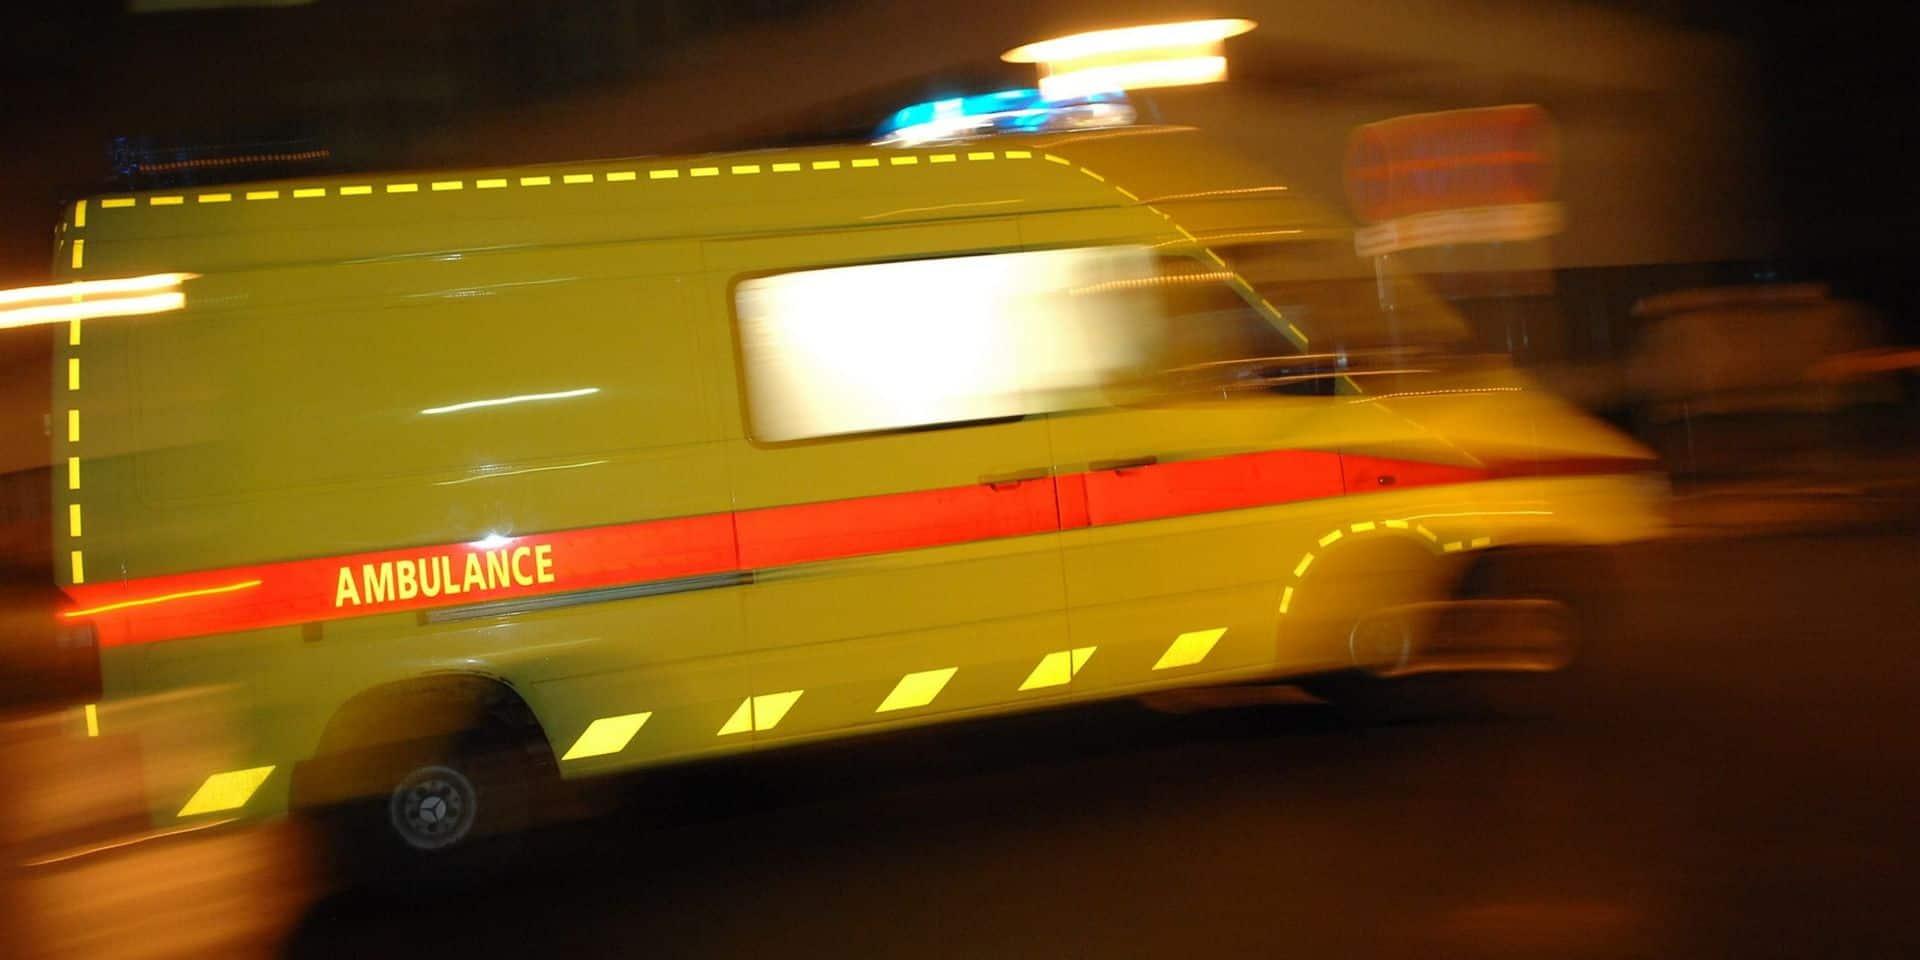 Un étudiant de l'université de Rouen meurt lors d'un week-end d'intégration en Belgique